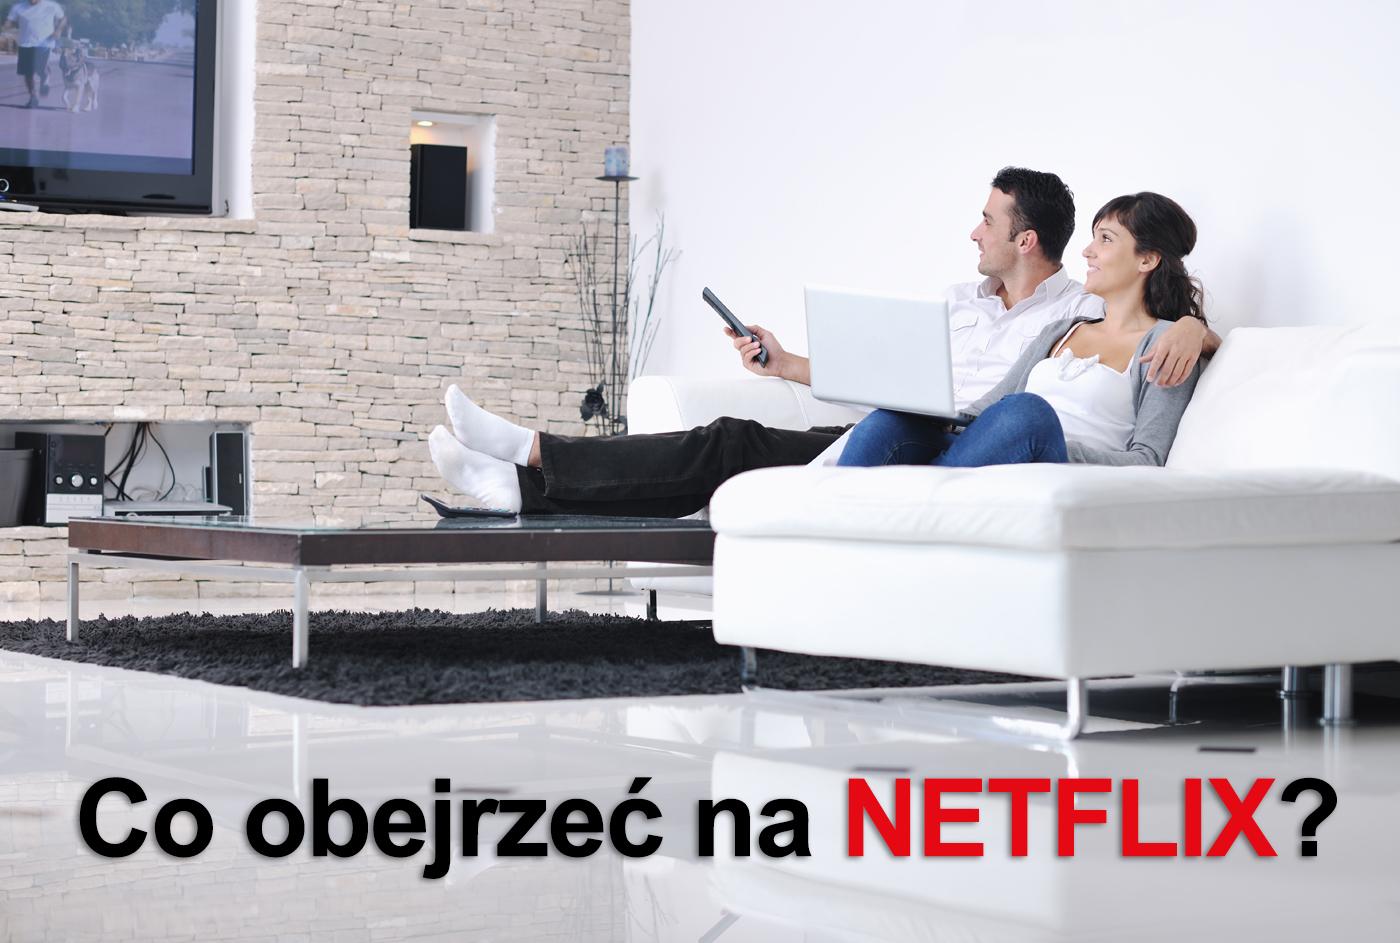 Co obejrzeć na Netflix?